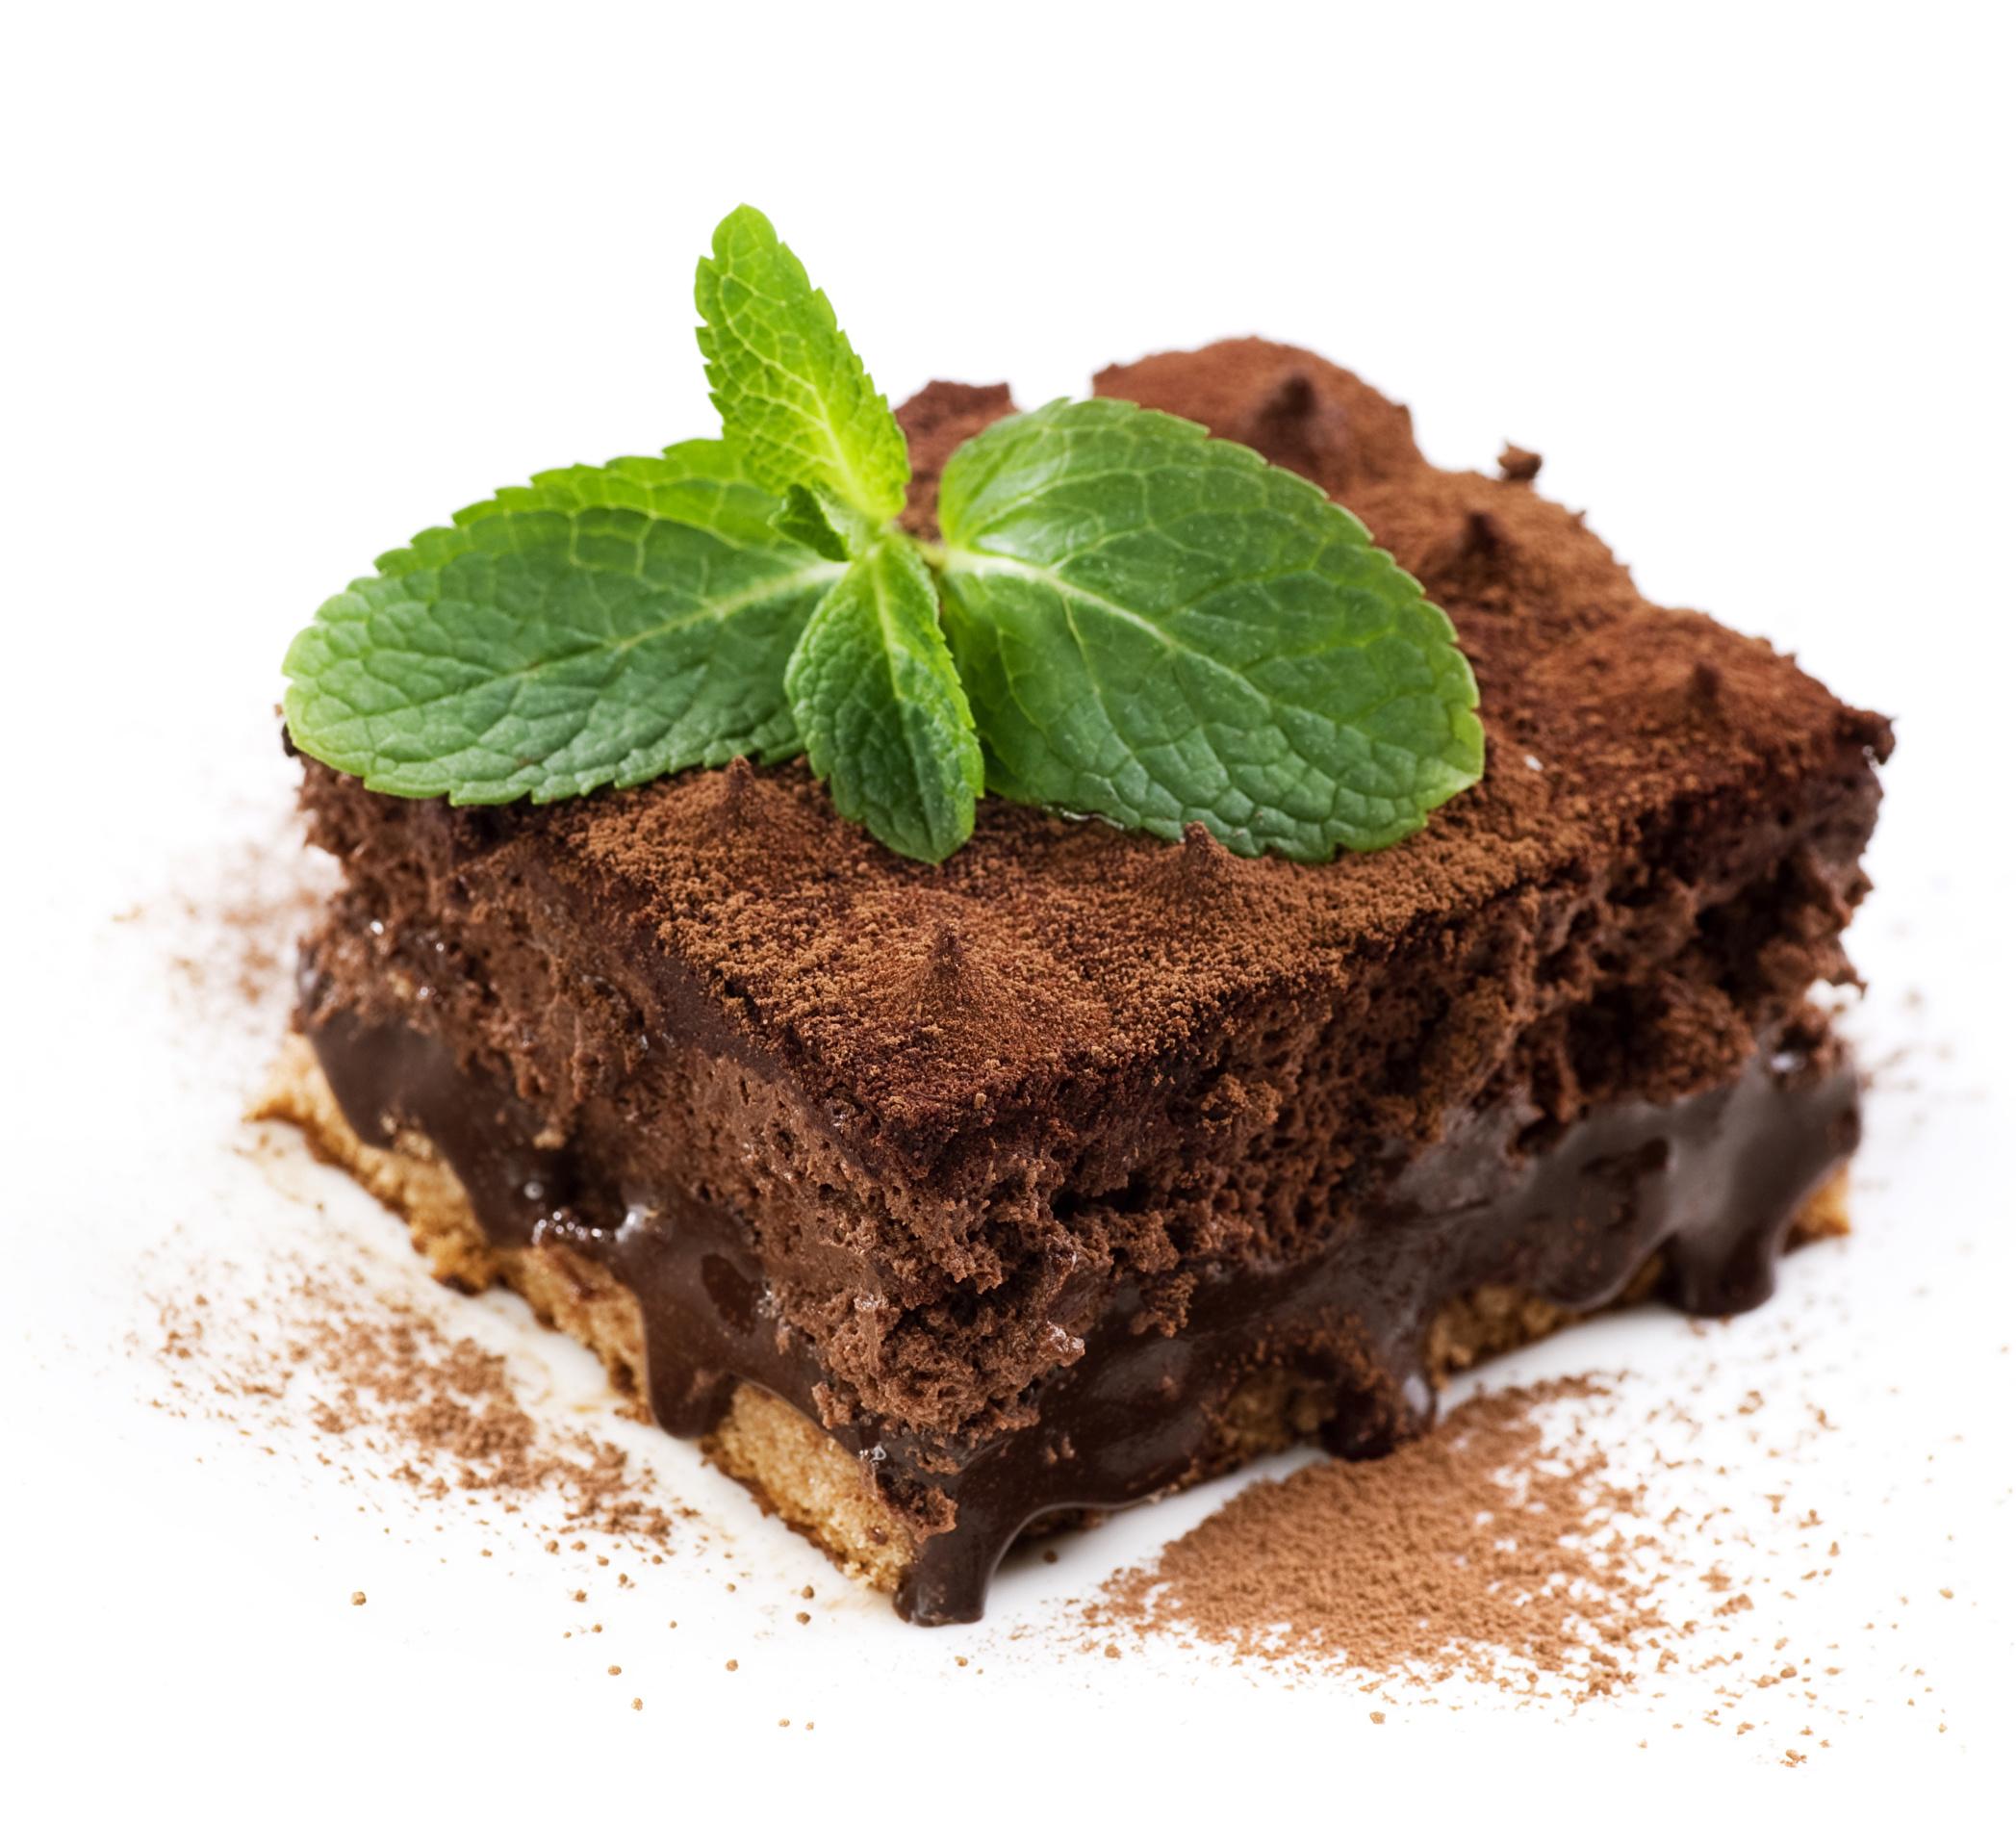 Фотография Пища Шоколад Торты Кусок Какао порошок Пирожное 2095x1920 Еда Продукты питания часть кусочки кусочек